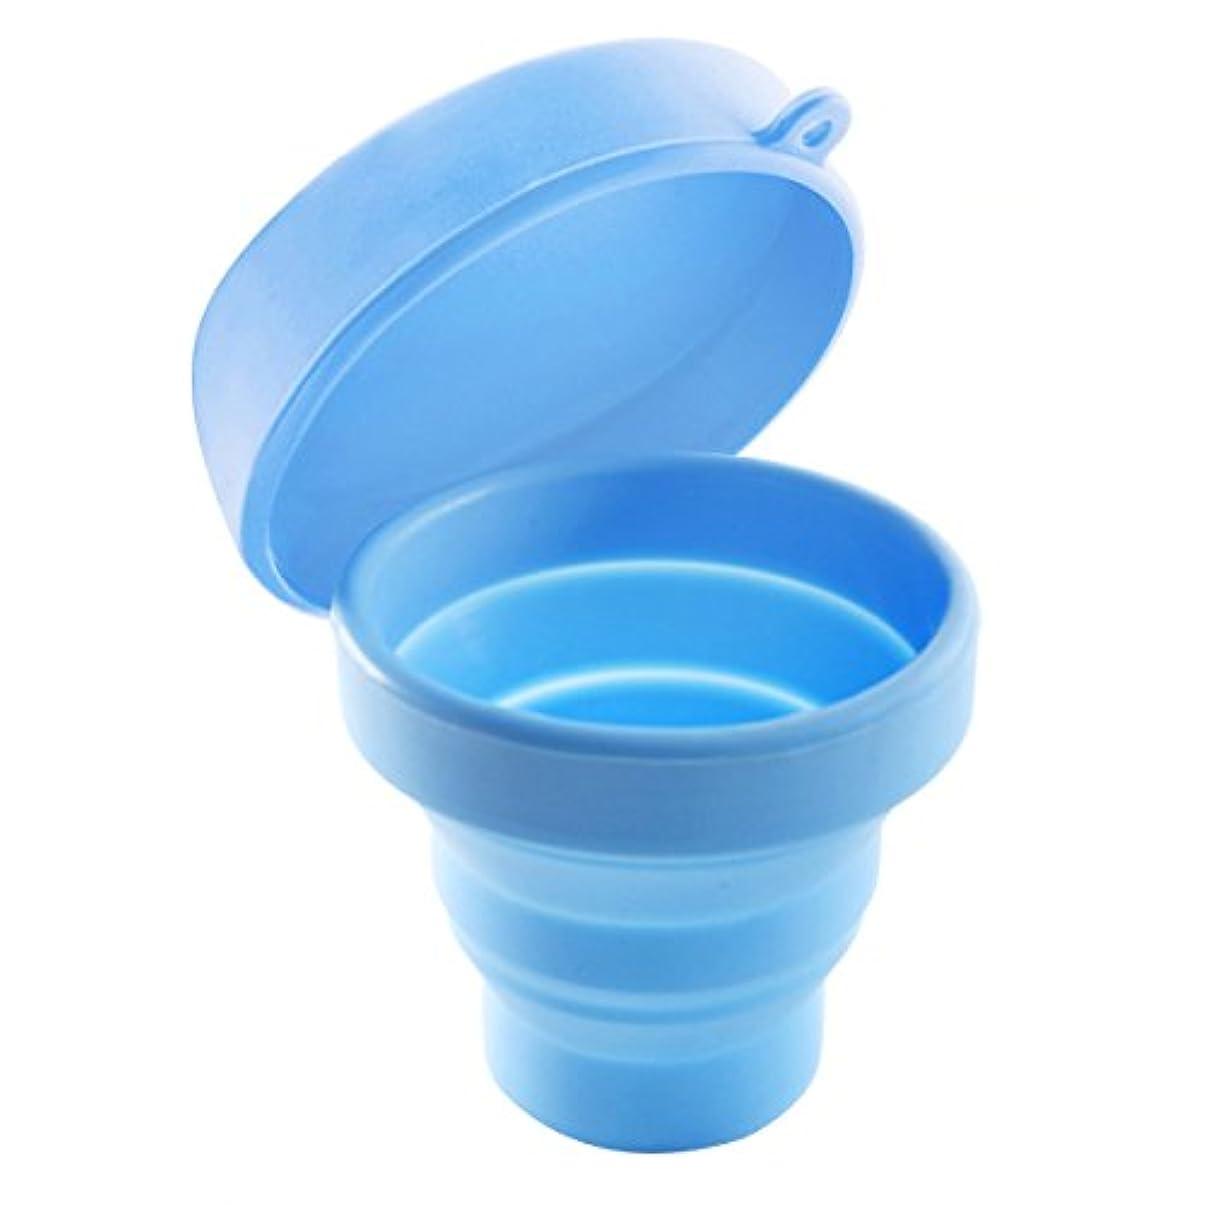 提供された私達超えてROSENICE 折りたたみ式カップ(蓋付き)ポータブルポップアップカップ(キャンプ用)ピクニックハイキングアウトドアアクティビティ(ブルー)